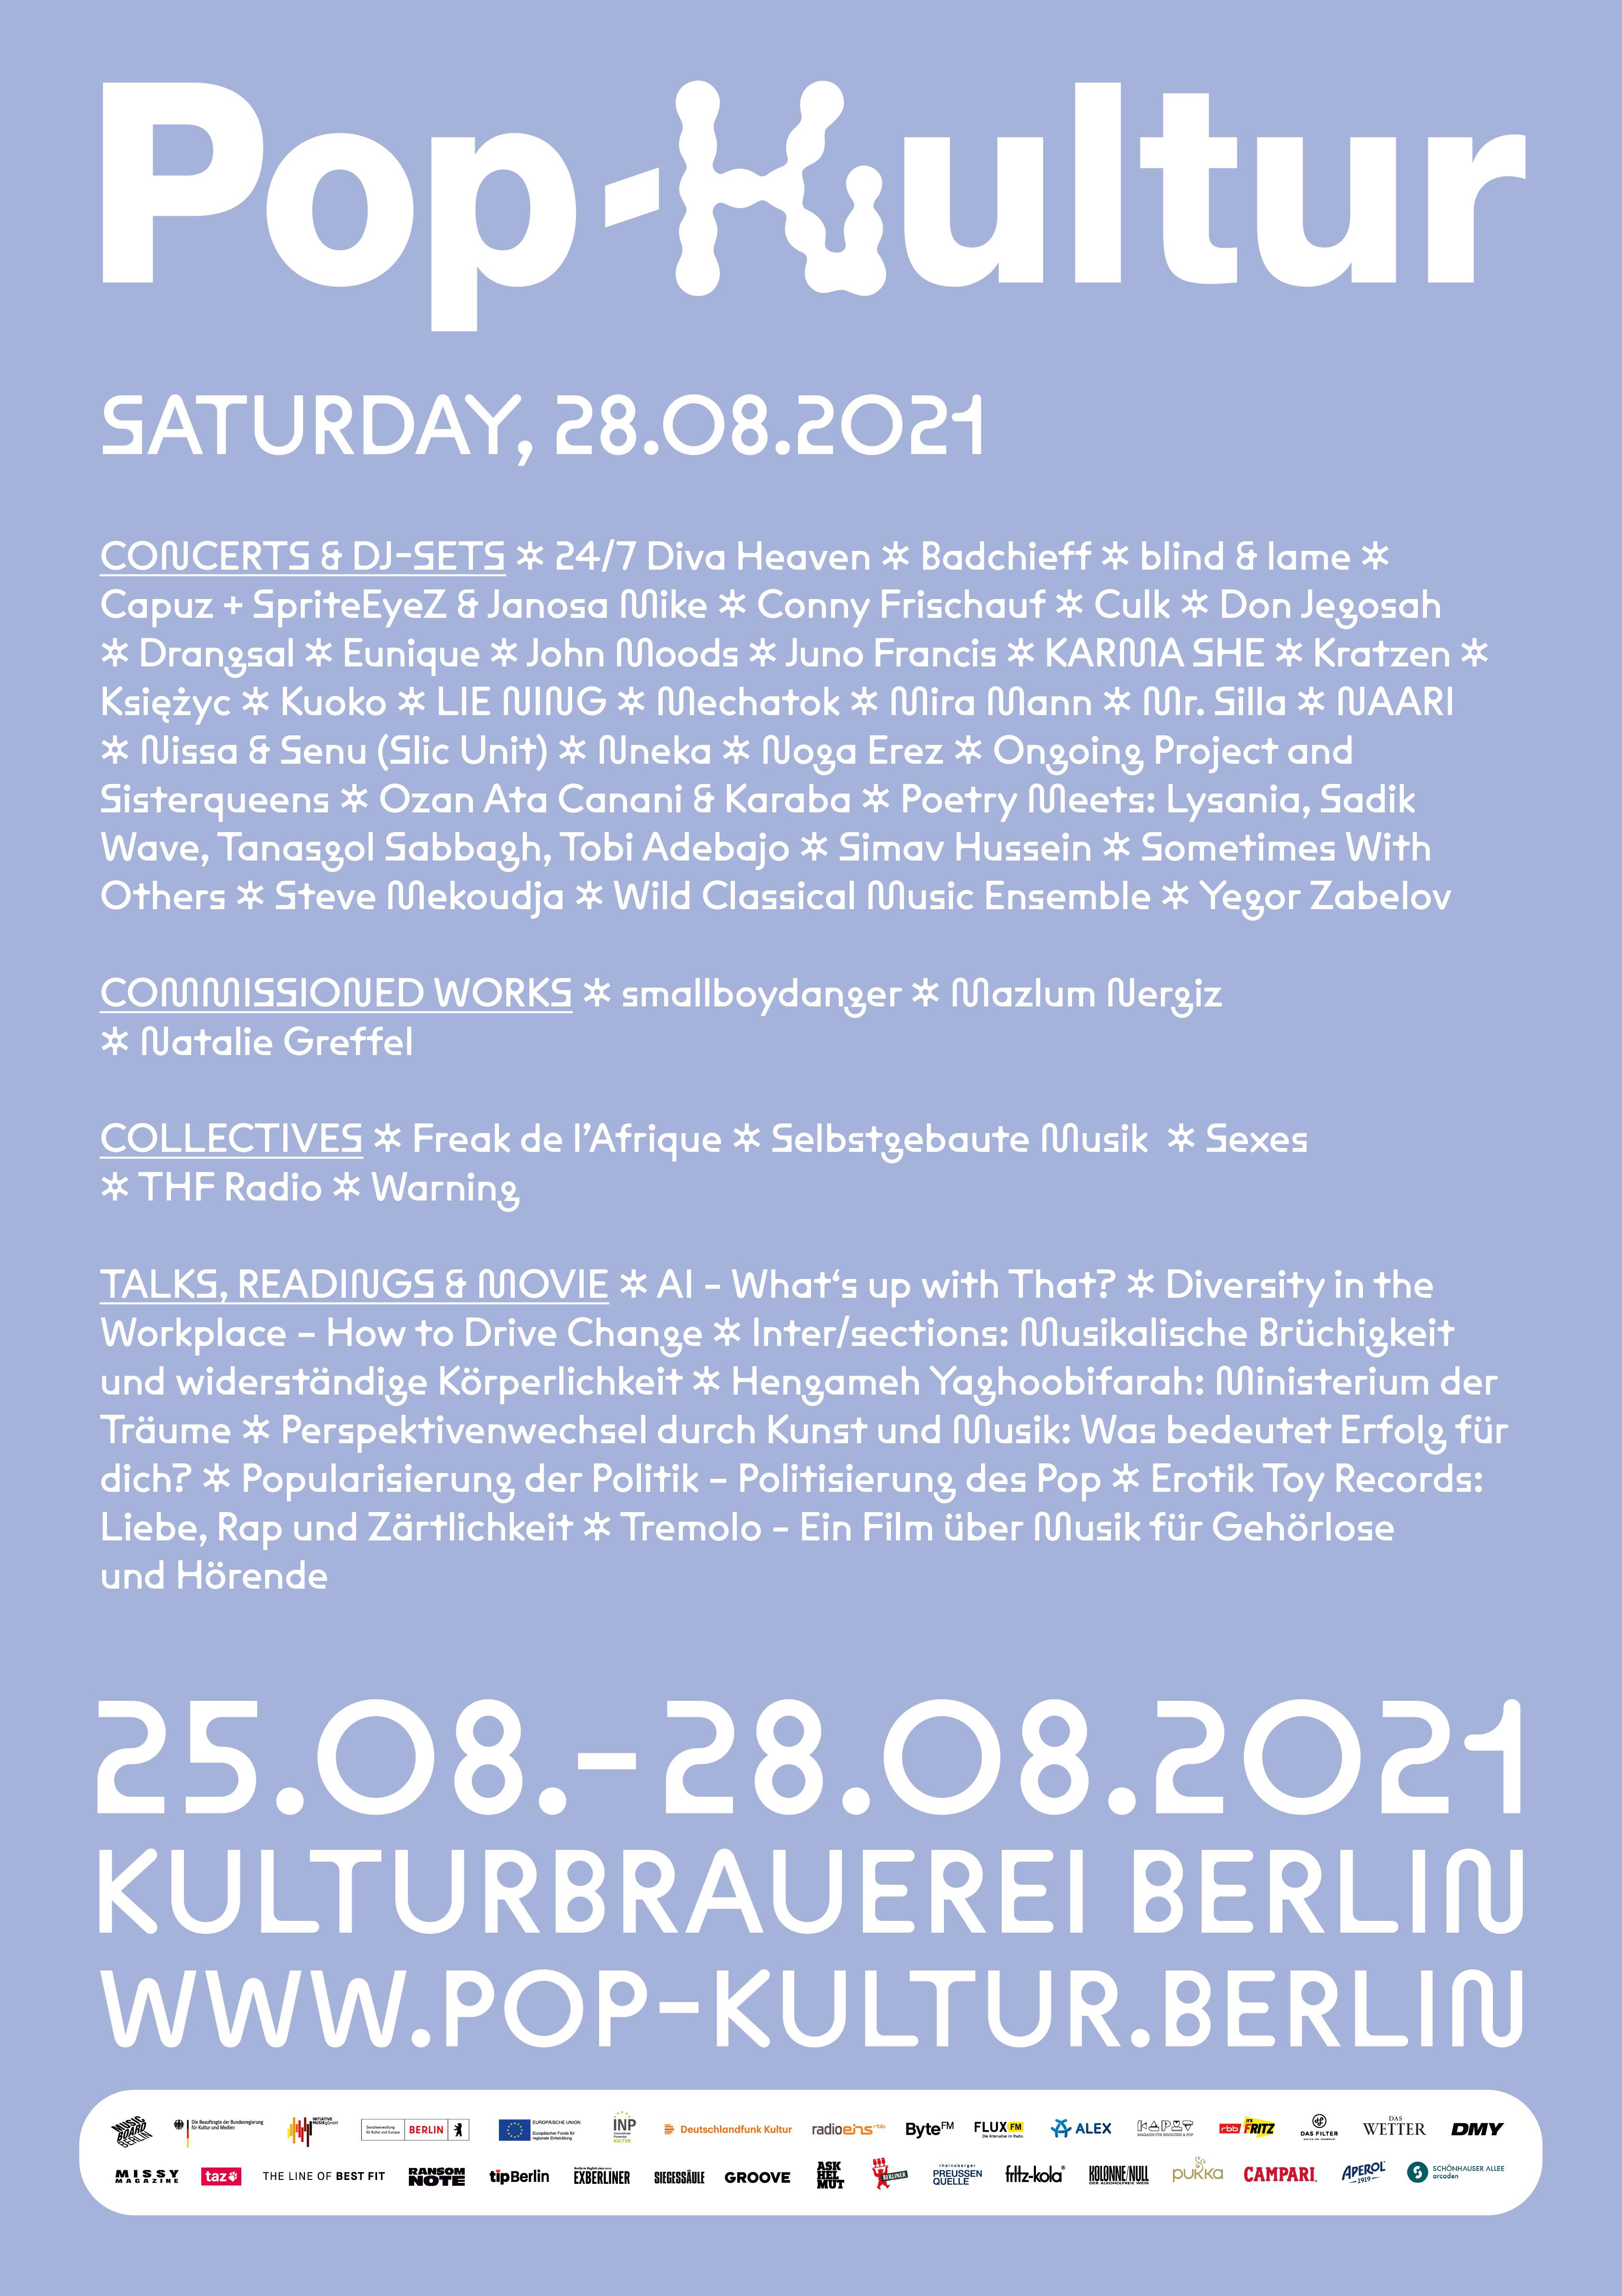 Pop Kultur 2021 Poster Line Up Samstag